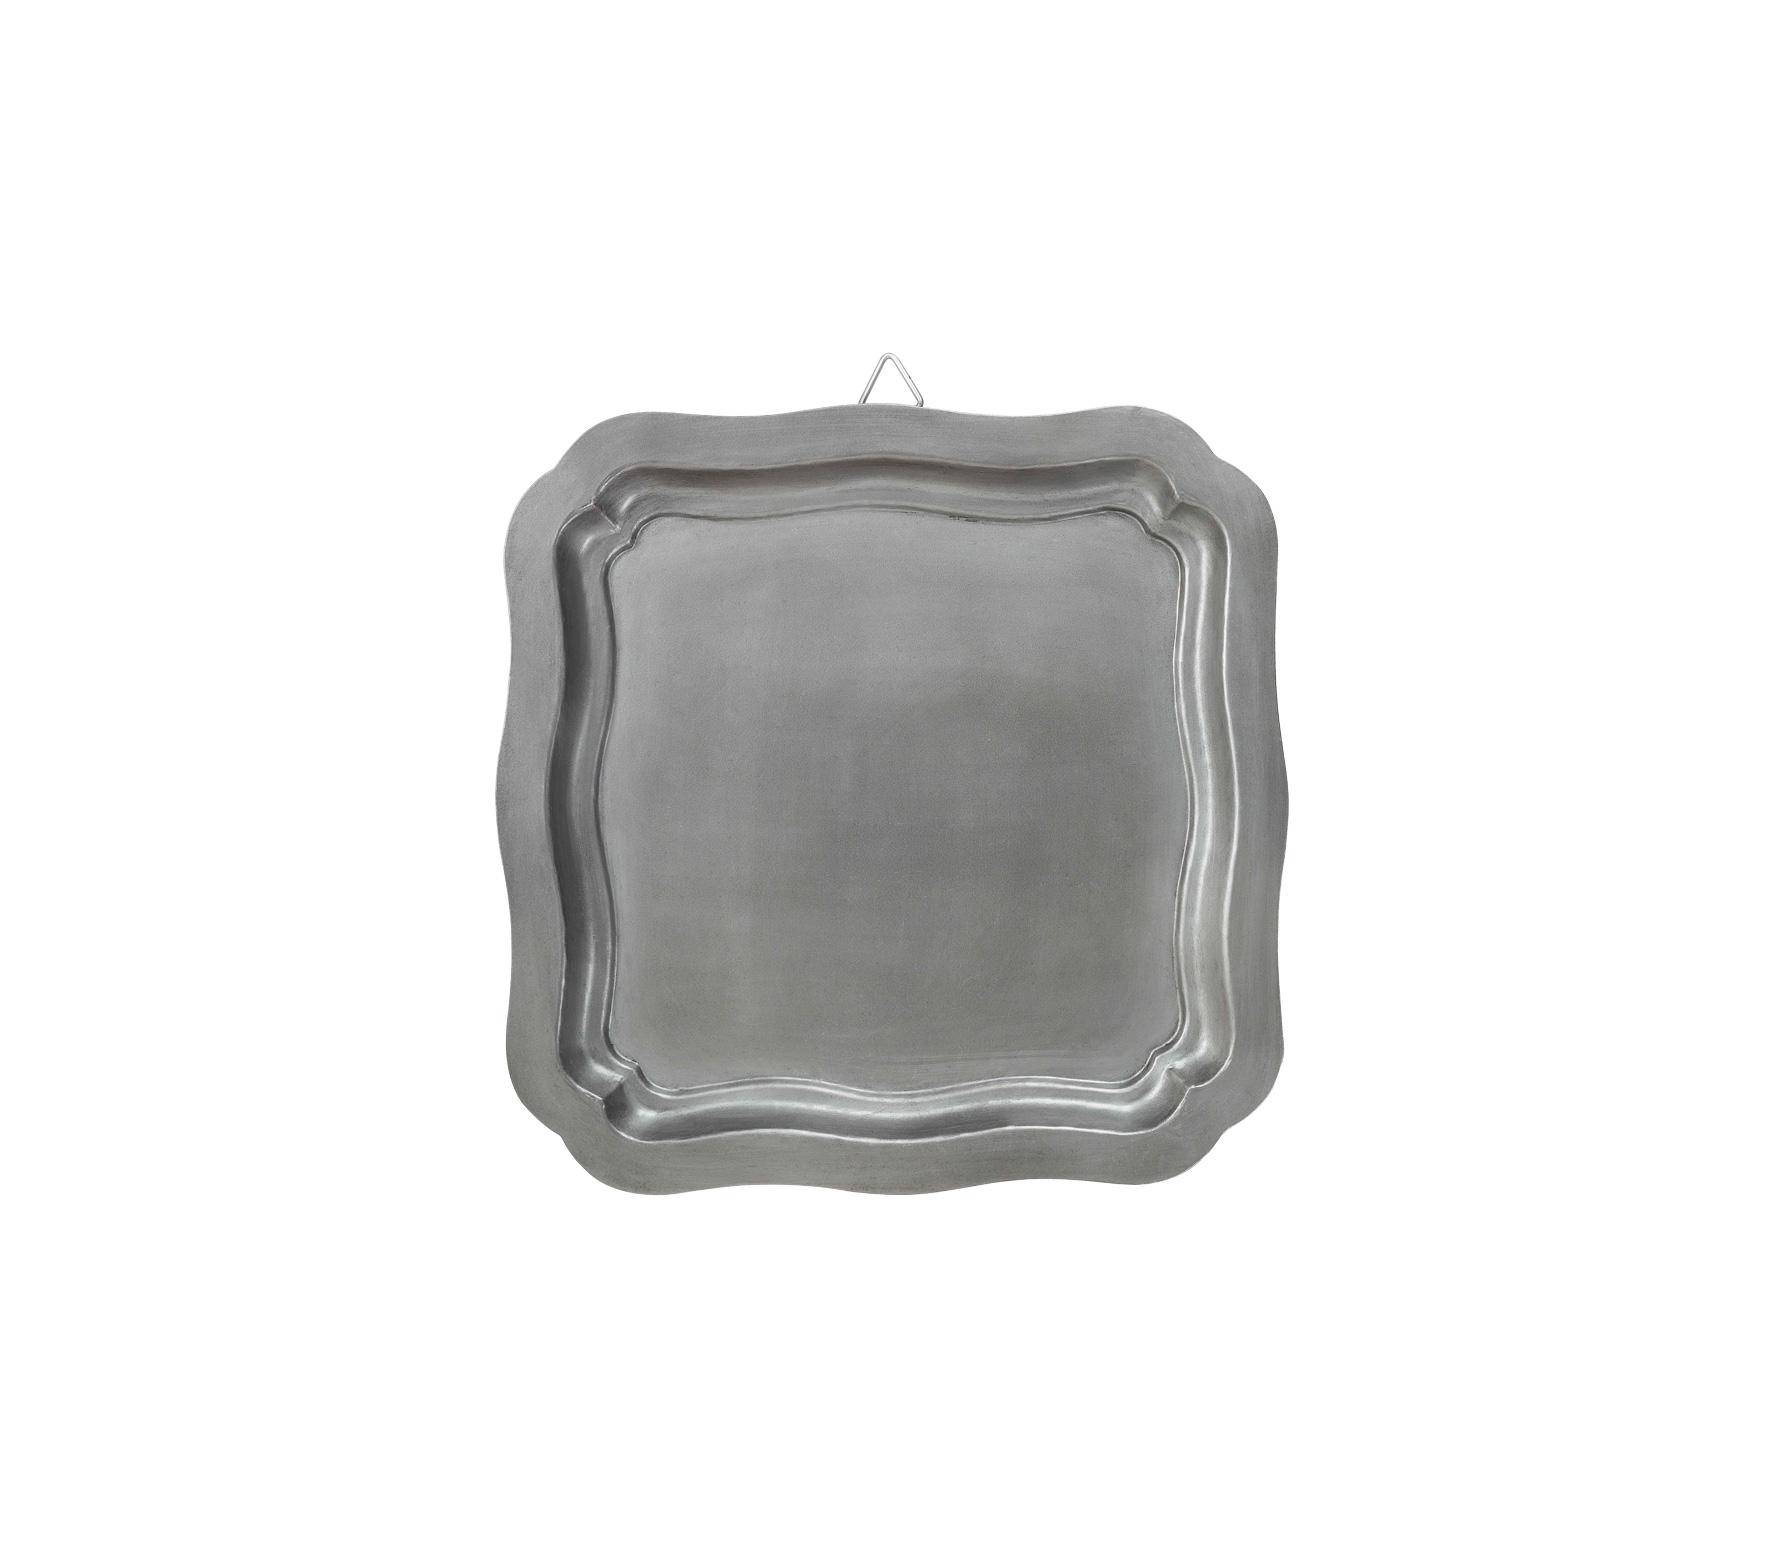 vtwonen Dienblad vierkant 40x40 cm antique zilver finish